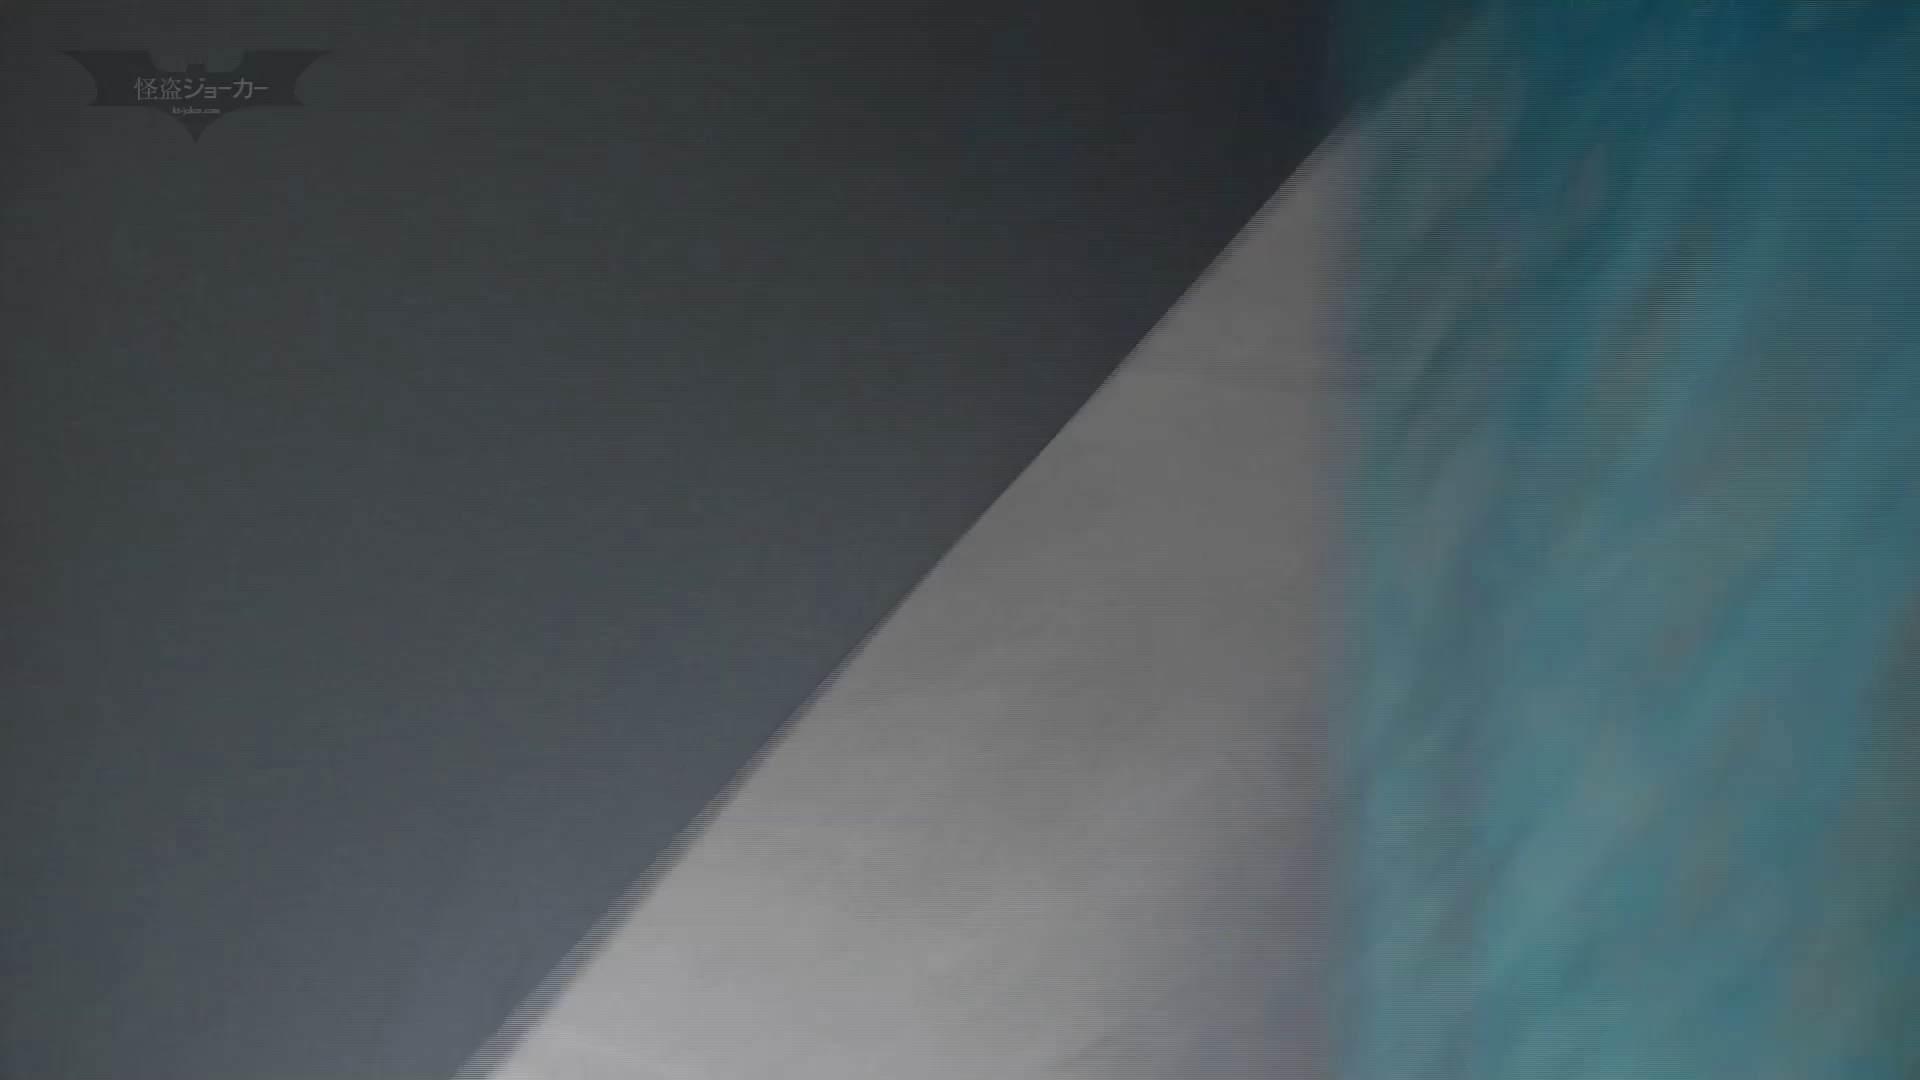 潜入!!台湾名門女学院 Vol.10 進化 美女ハメ撮り  110Pix 55